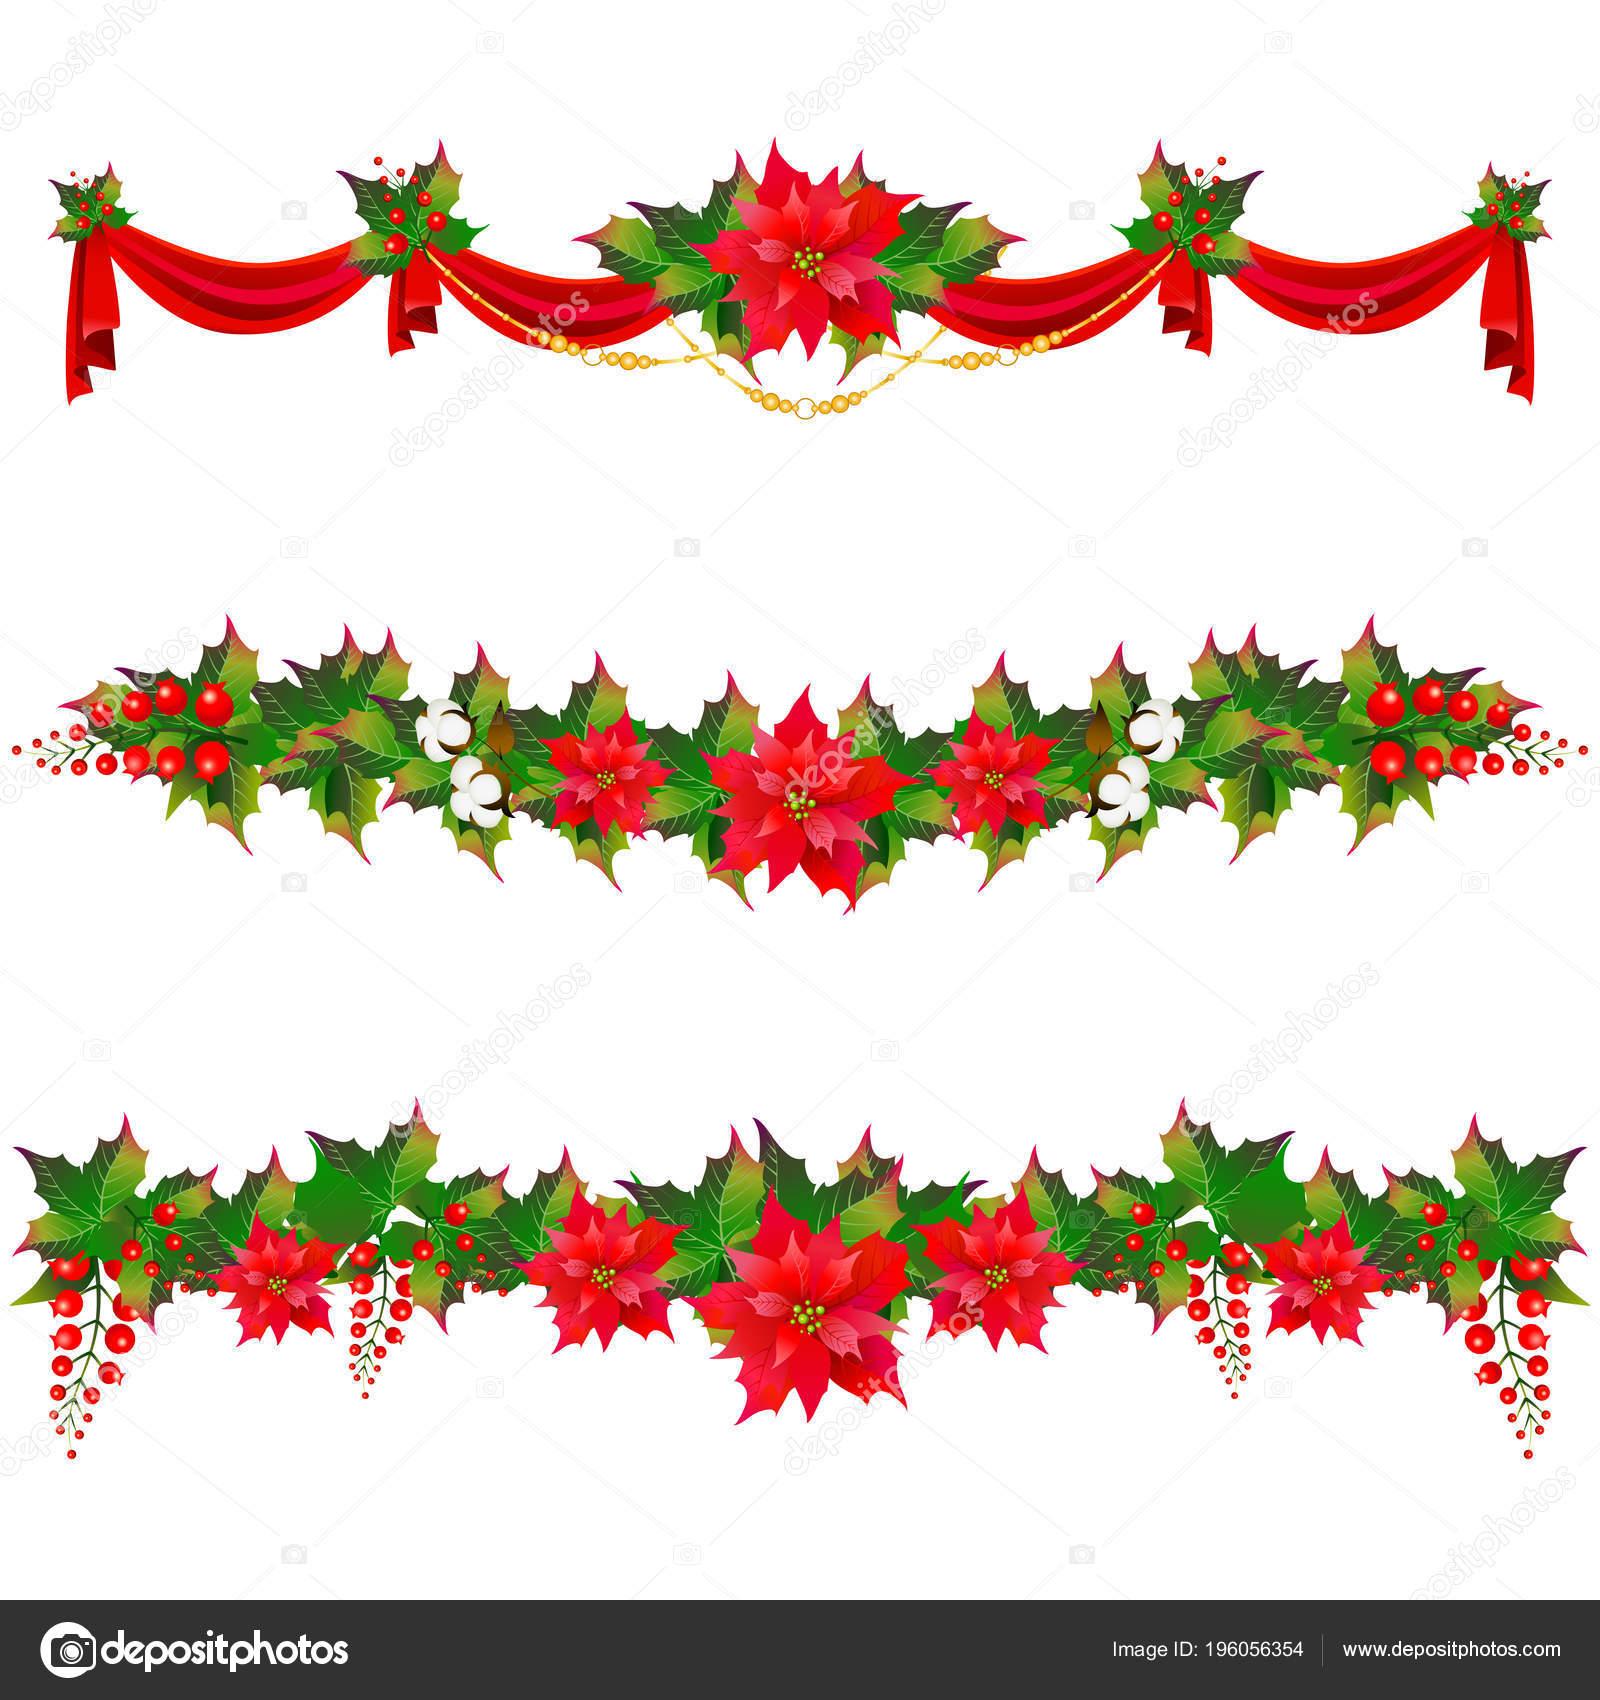 Guirnaldas De Navidad Imagenes.Fotos Guirnaldas Navidad Guirnaldas Navidad Con Flores